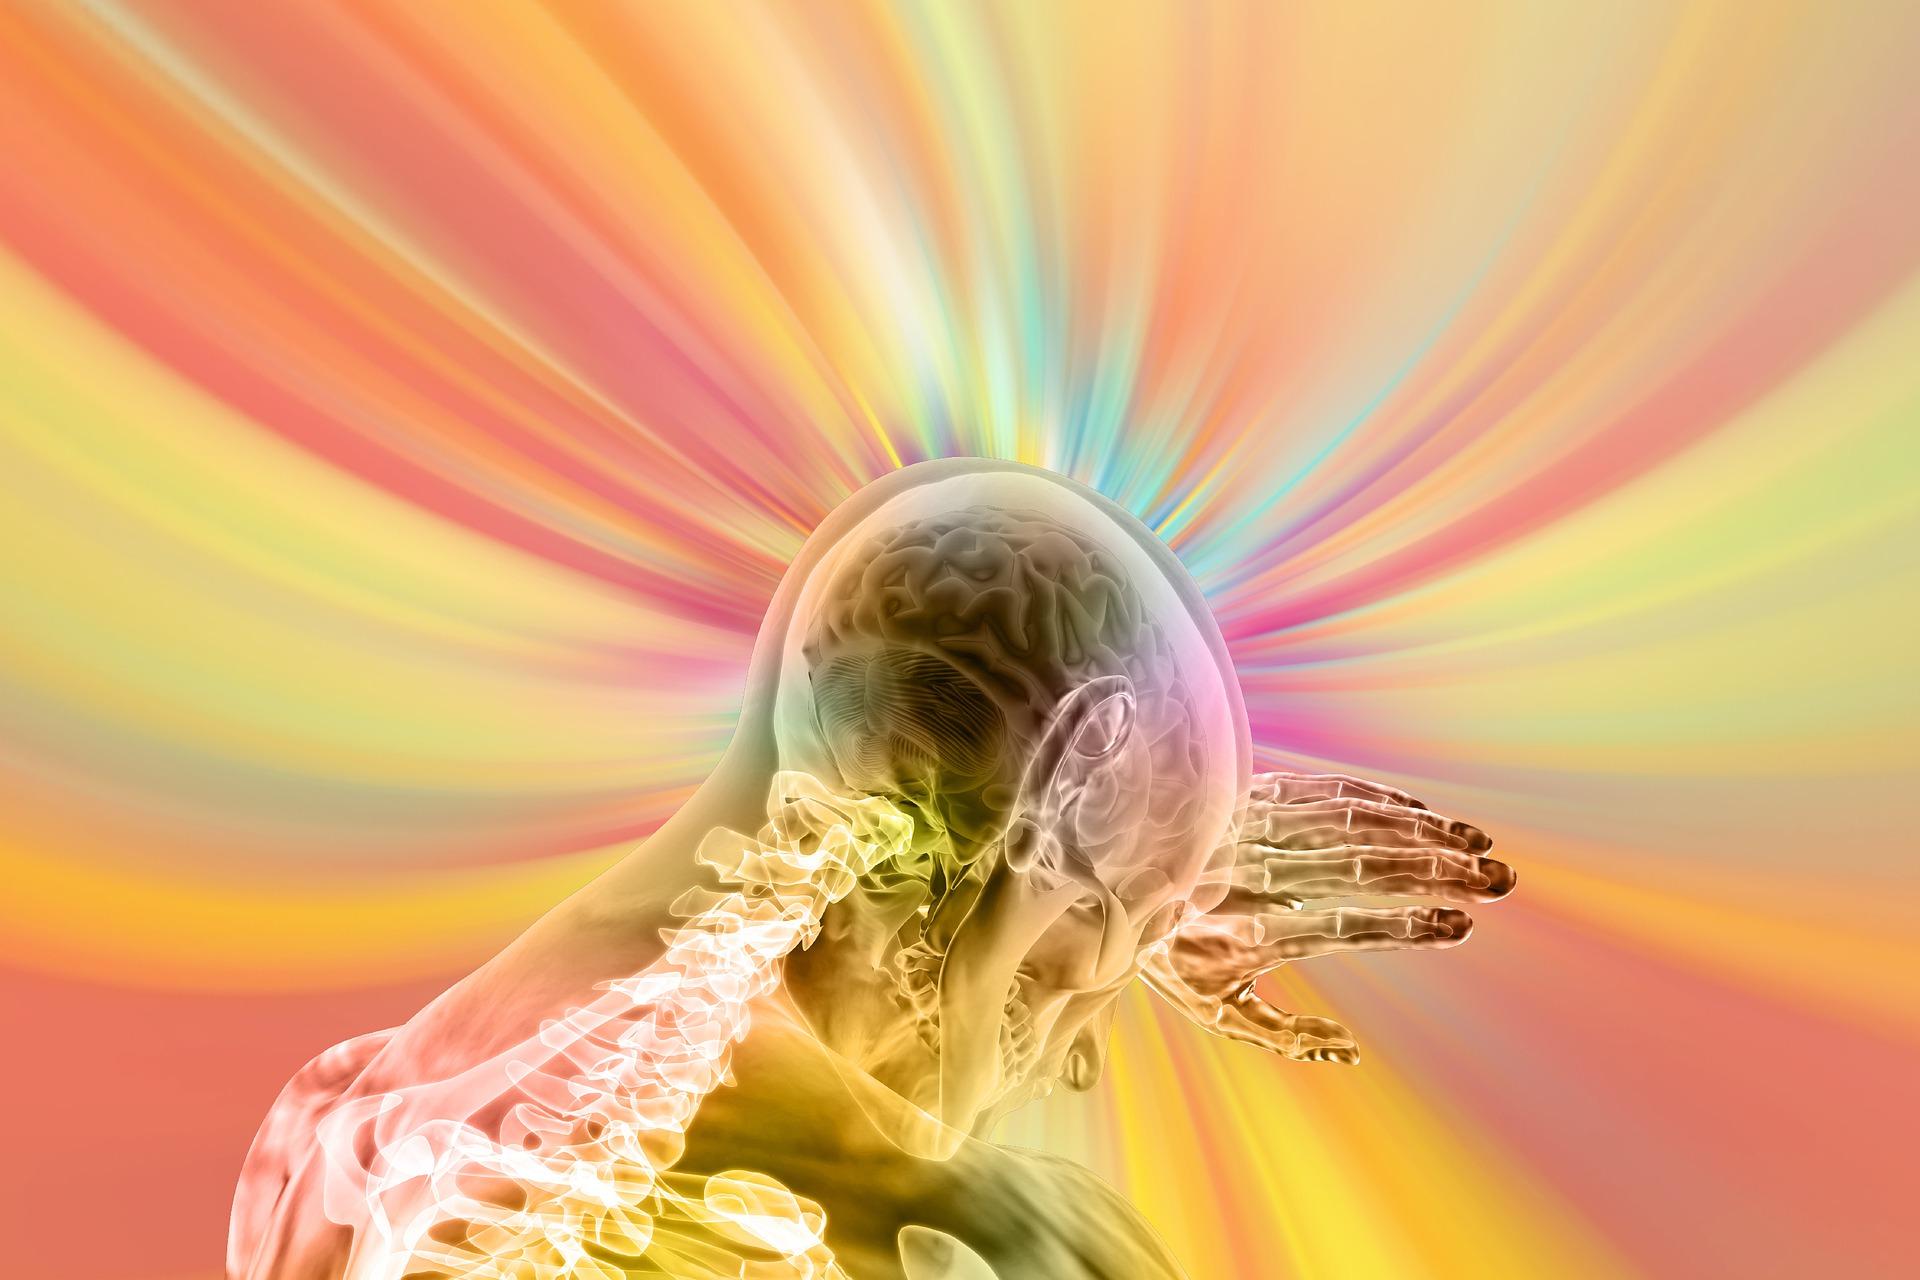 alimente care cresc nivelul de dopamina - sfatulparintilor.ro - pixabay_com - brain-4490831_1920